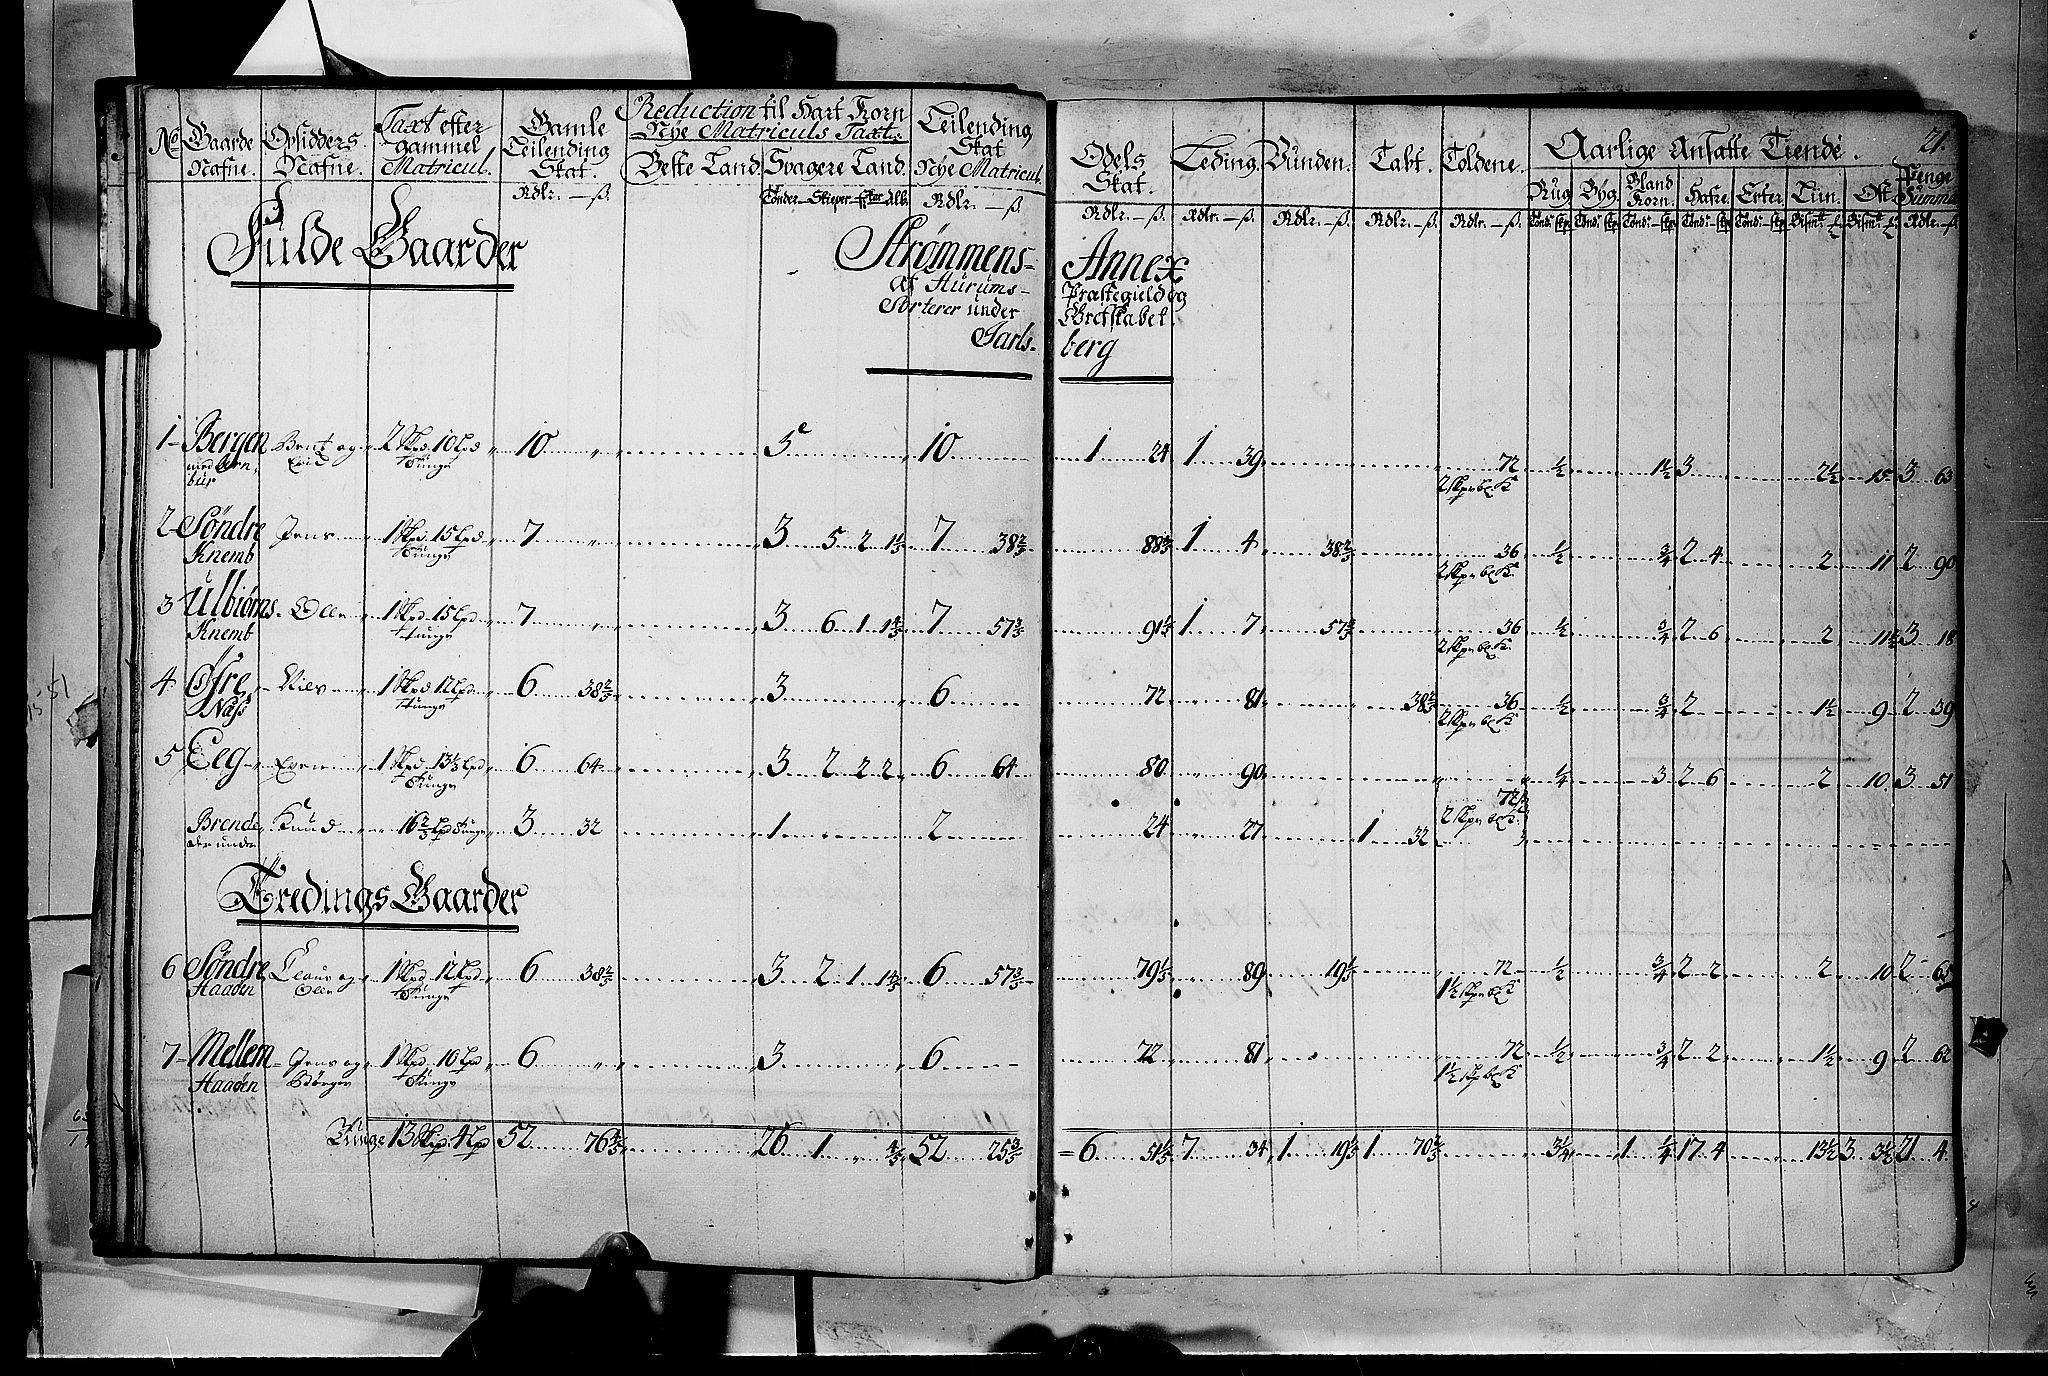 RA, Rentekammeret inntil 1814, Realistisk ordnet avdeling, N/Nb/Nbf/L0116: Jarlsberg grevskap matrikkelprotokoll, 1723, s. 20b-21a